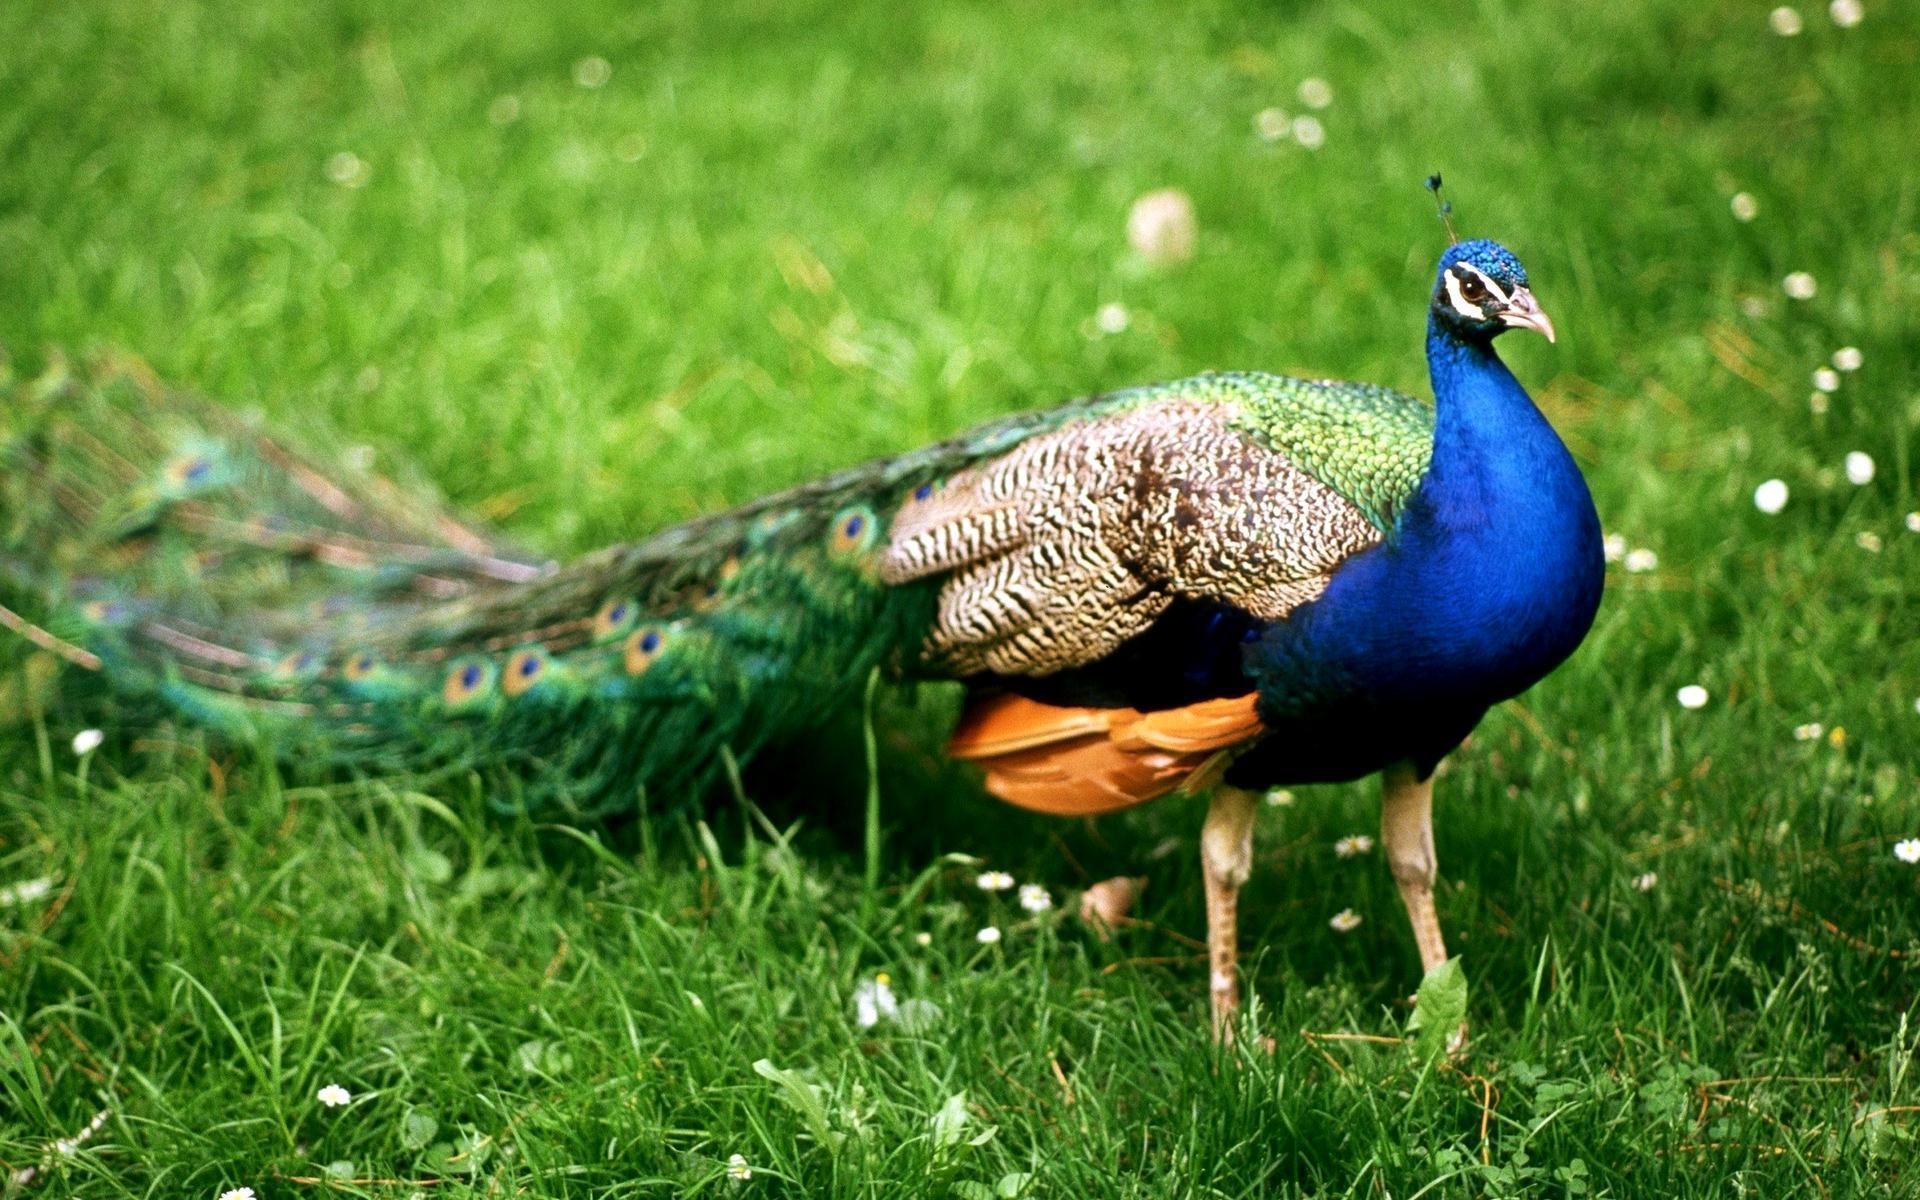 สัตว์รักอิสระจะอยู่เป็นคู่เมื่อผสมพันธ์นกยูงสัตว์ปีกที่มีความสวยงาม